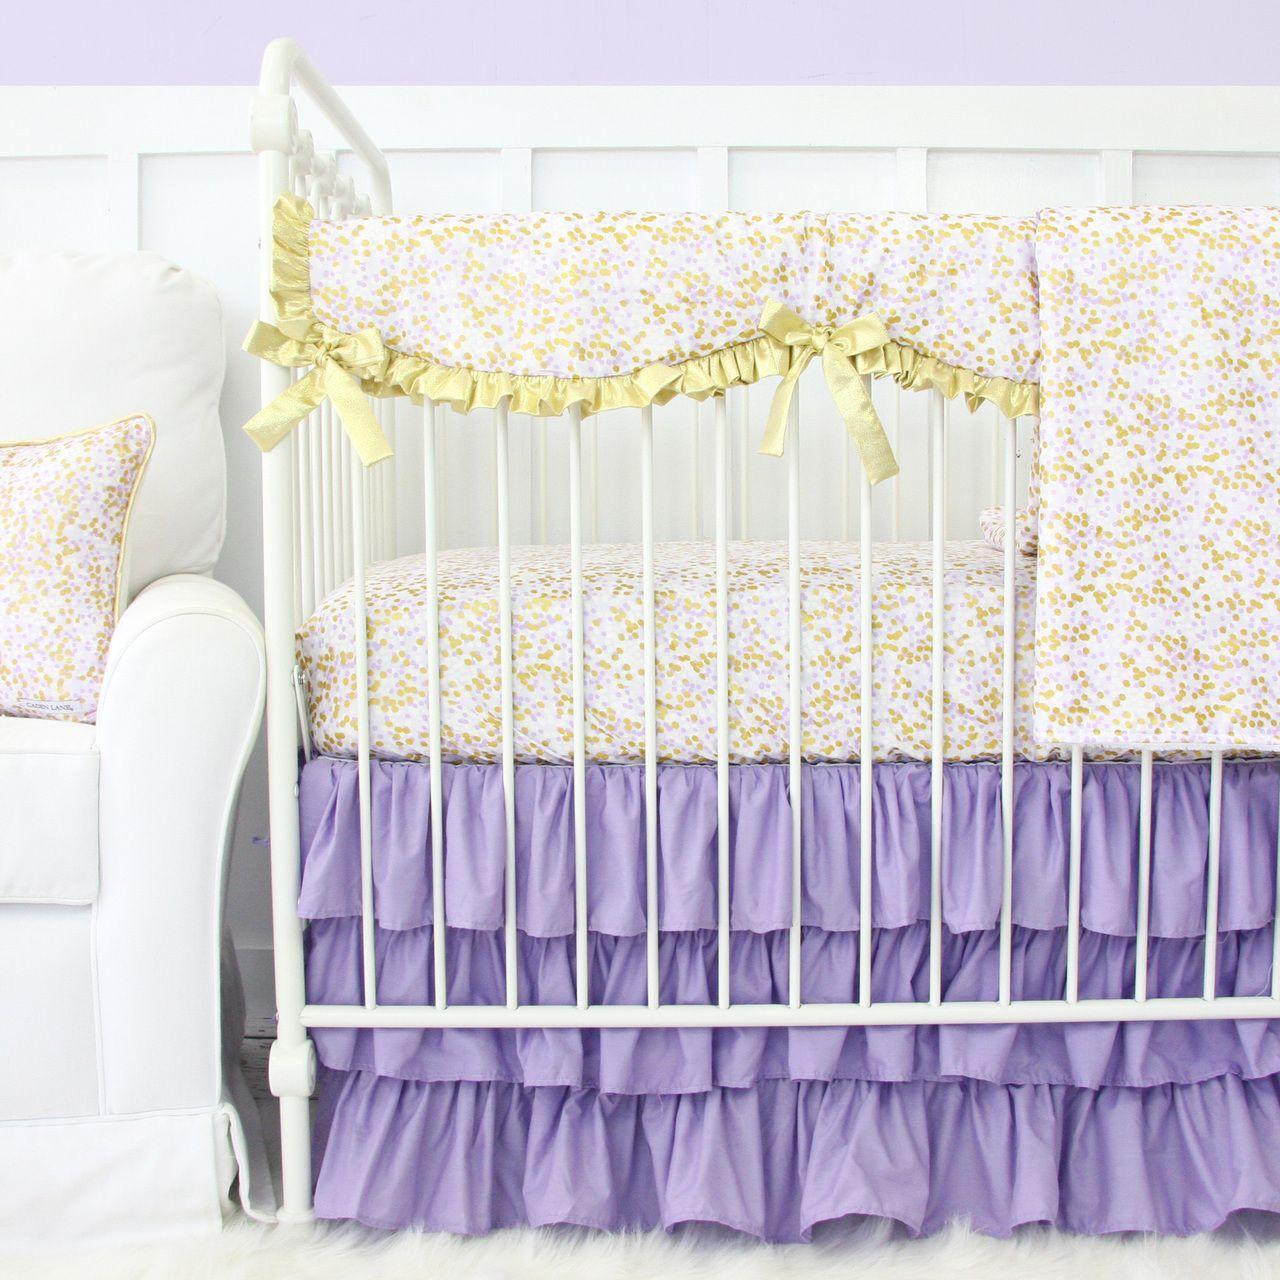 Purple Gold Sparkle Crib Bedding Collection An Adorable Crib